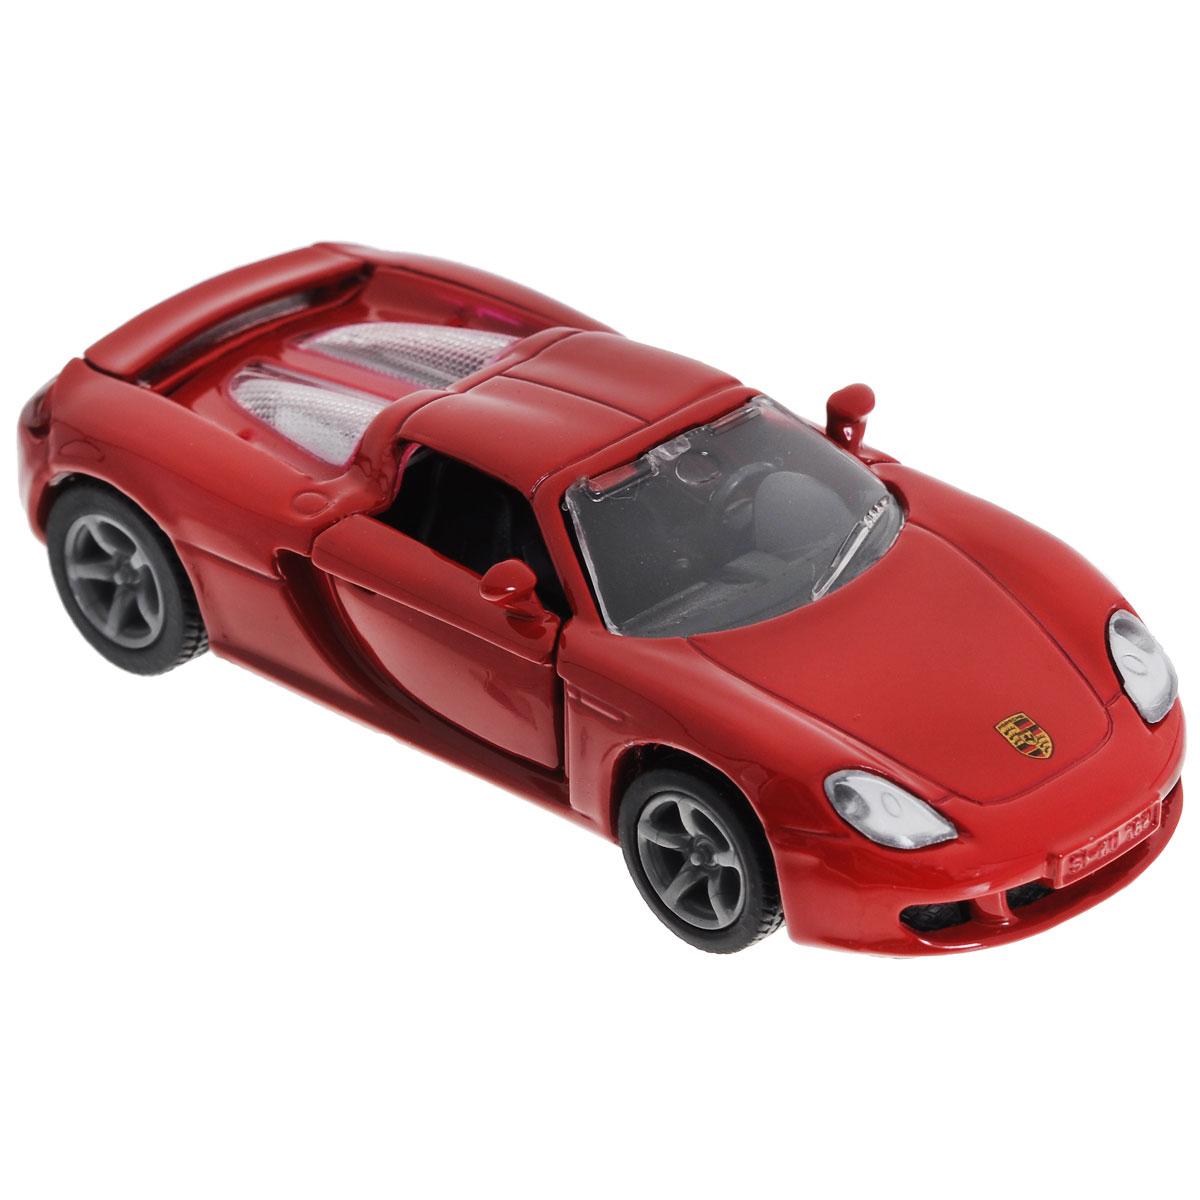 Siku Модель автомобиля Porsche Carrera GTGT 1001_красныйКоллекционная модель Siku Porsche Carrera GT выполнена в виде точной копии одноименного автомобиля фирмы Porsche. Такая модель понравится не только ребенку, но и взрослому коллекционеру, и приятно удивит вас высочайшим качеством исполнения. Модель выполнена из металла с элементами из пластика; прорезиненные колеса крутятся. Передние двери машинки открываются. Отличный подарок для любителей автомобилей!